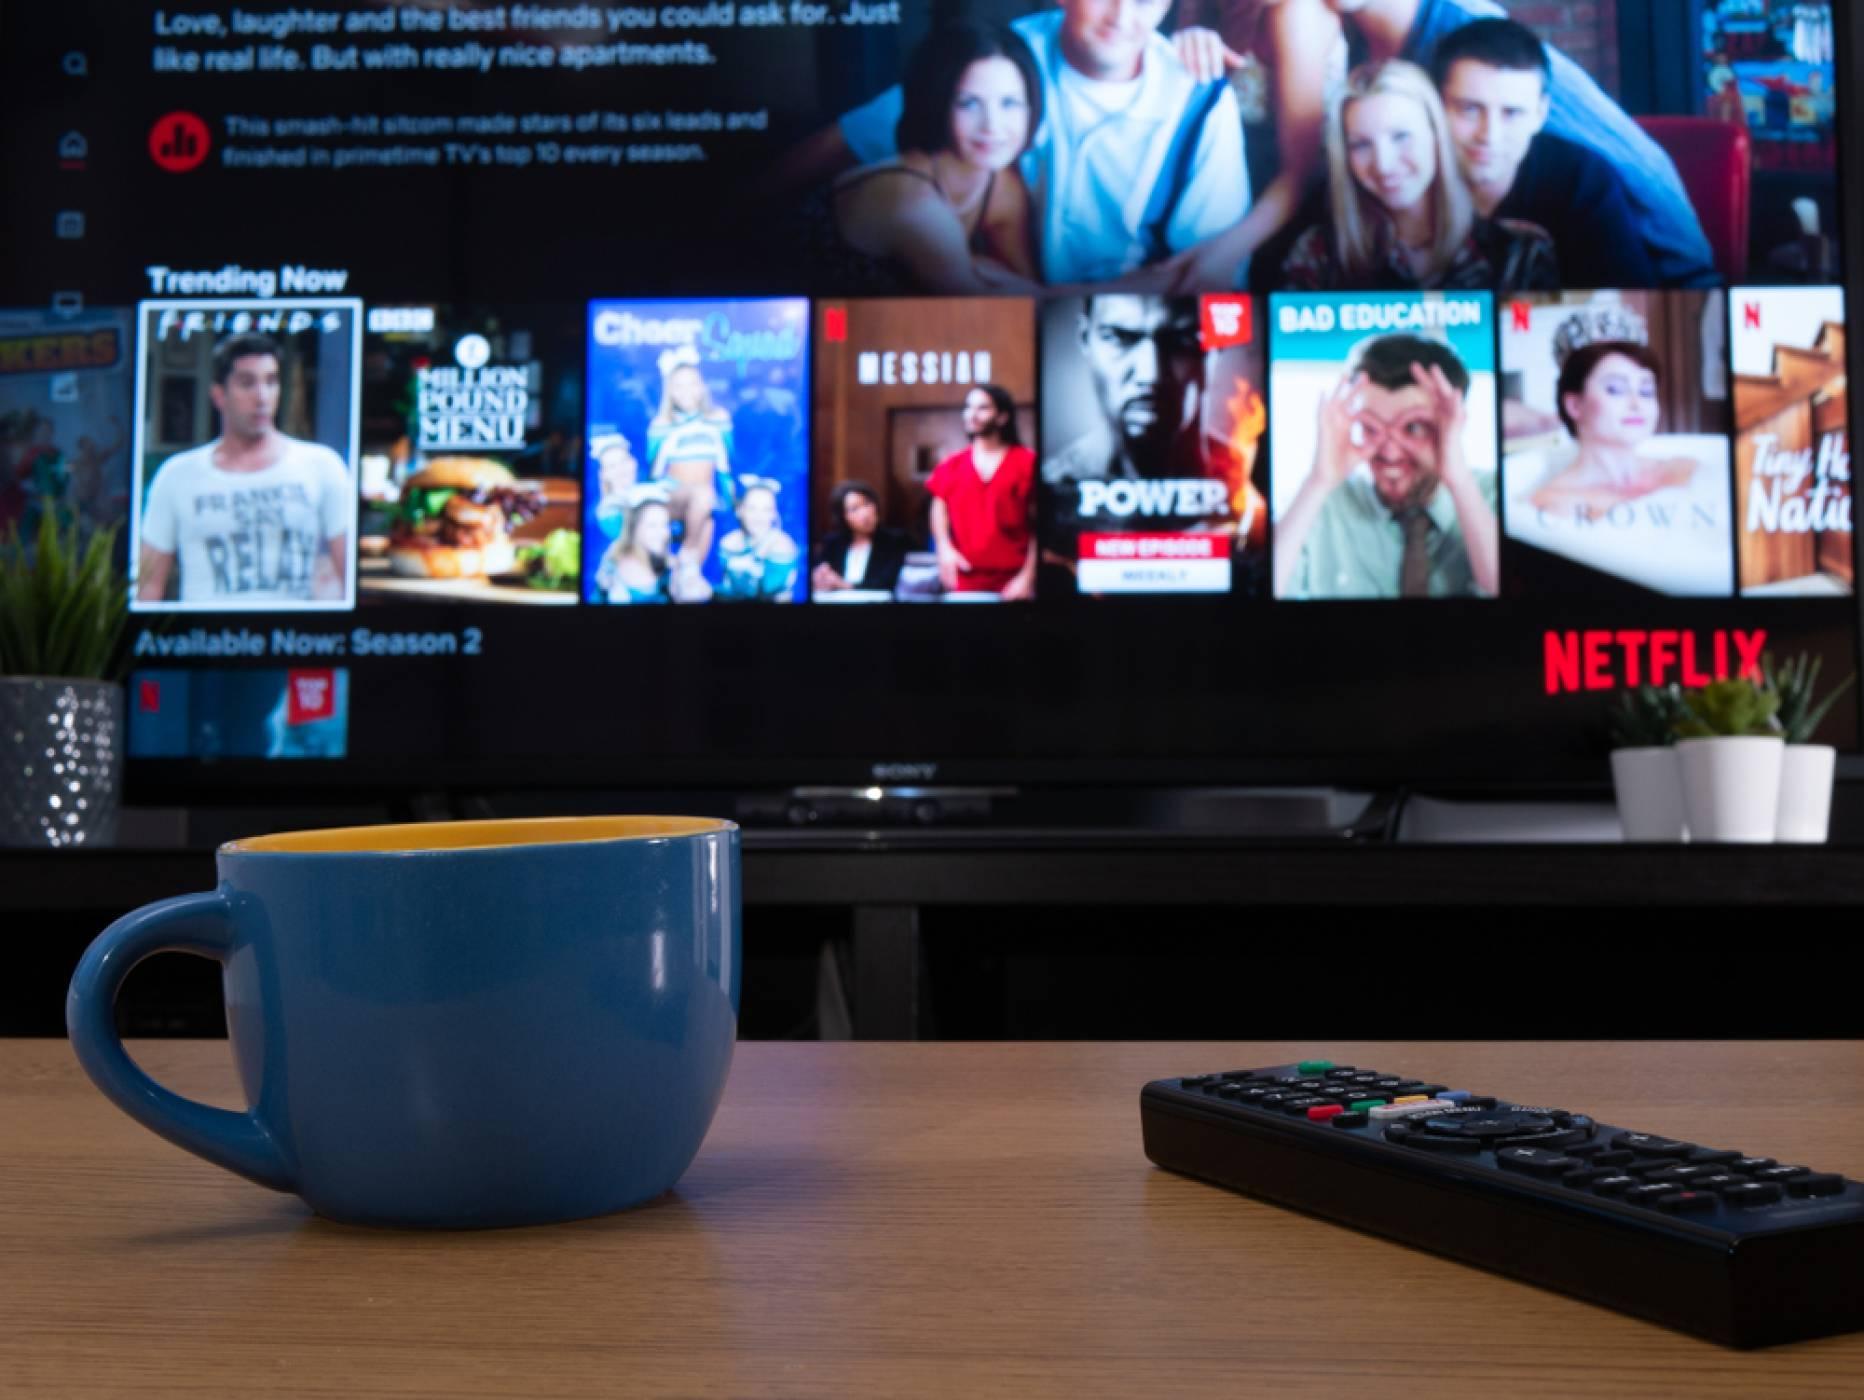 Тази приставка за Chrome ще ви препоръчва много по-подходящи филми от системата на Netflix